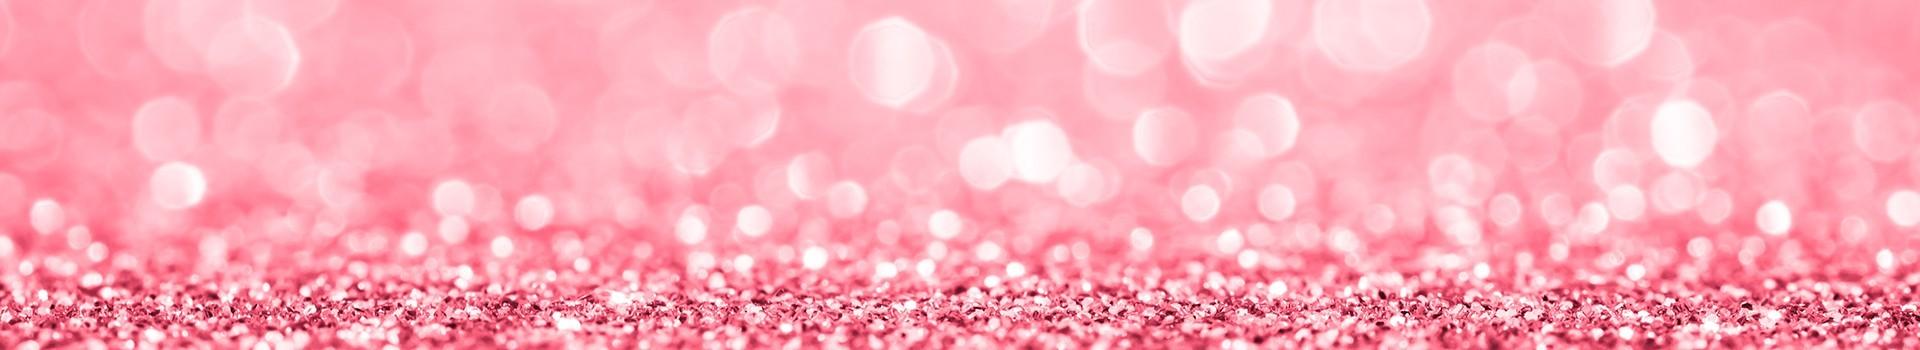 Powders | Pearl | Glitter